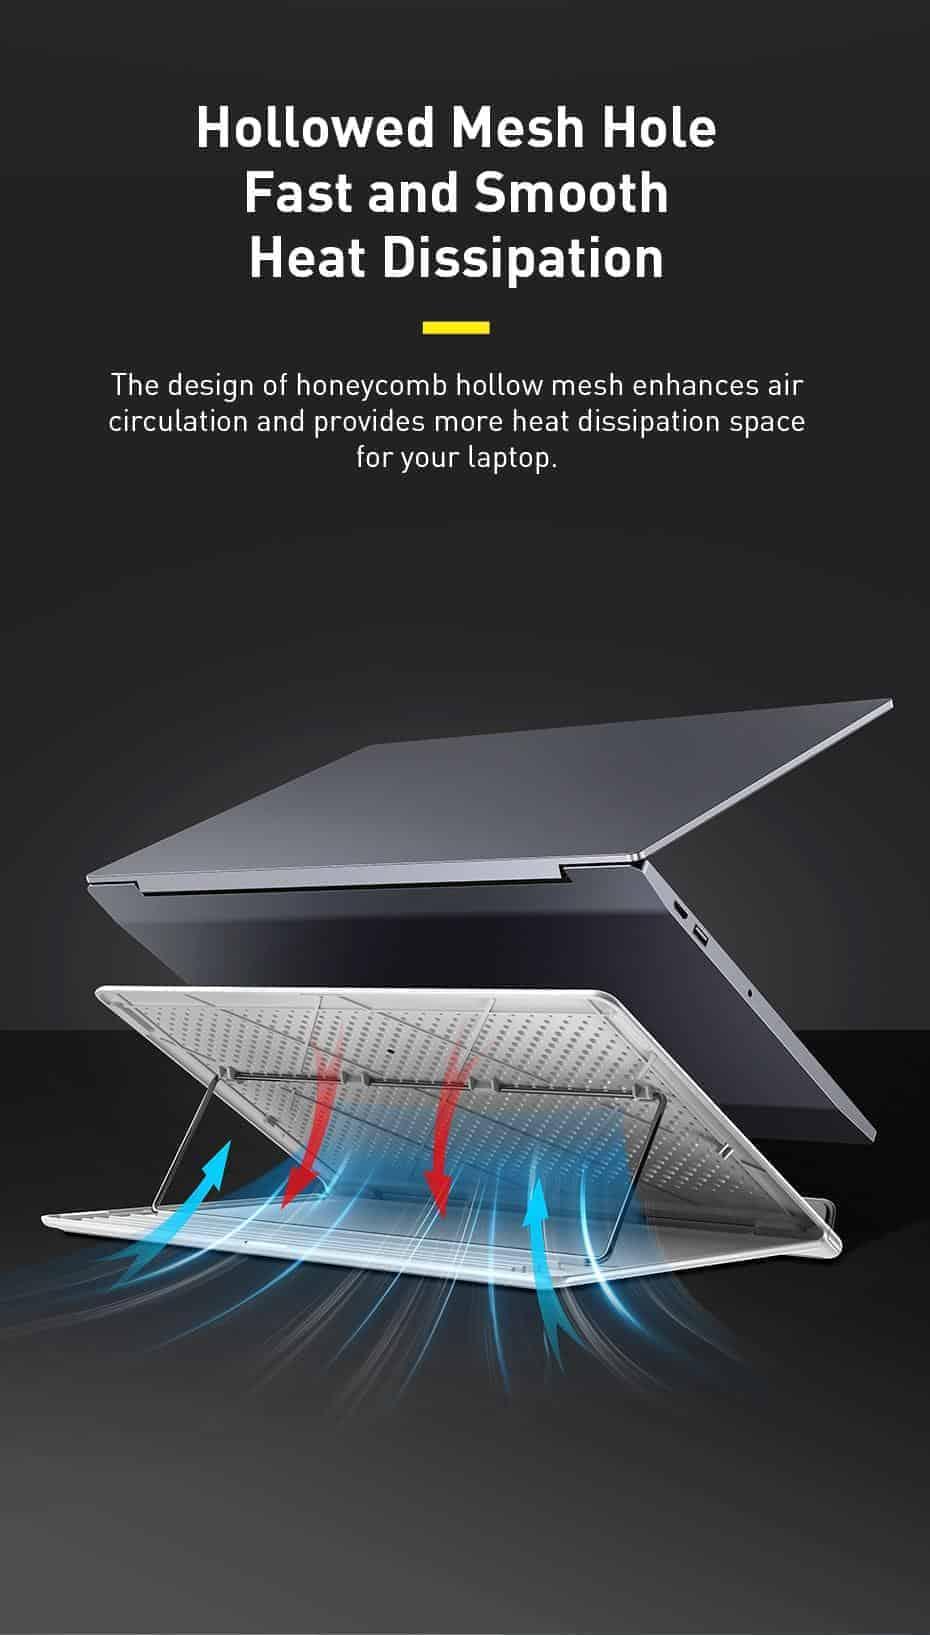 Giá đỡ máy tính Baseus Let's go cho Laptop , Macbook dưới 16 inch ,thiết kế thoáng khí ,nâng hạ góc dễ dàng có thể gập lại gọn gàng mang đi